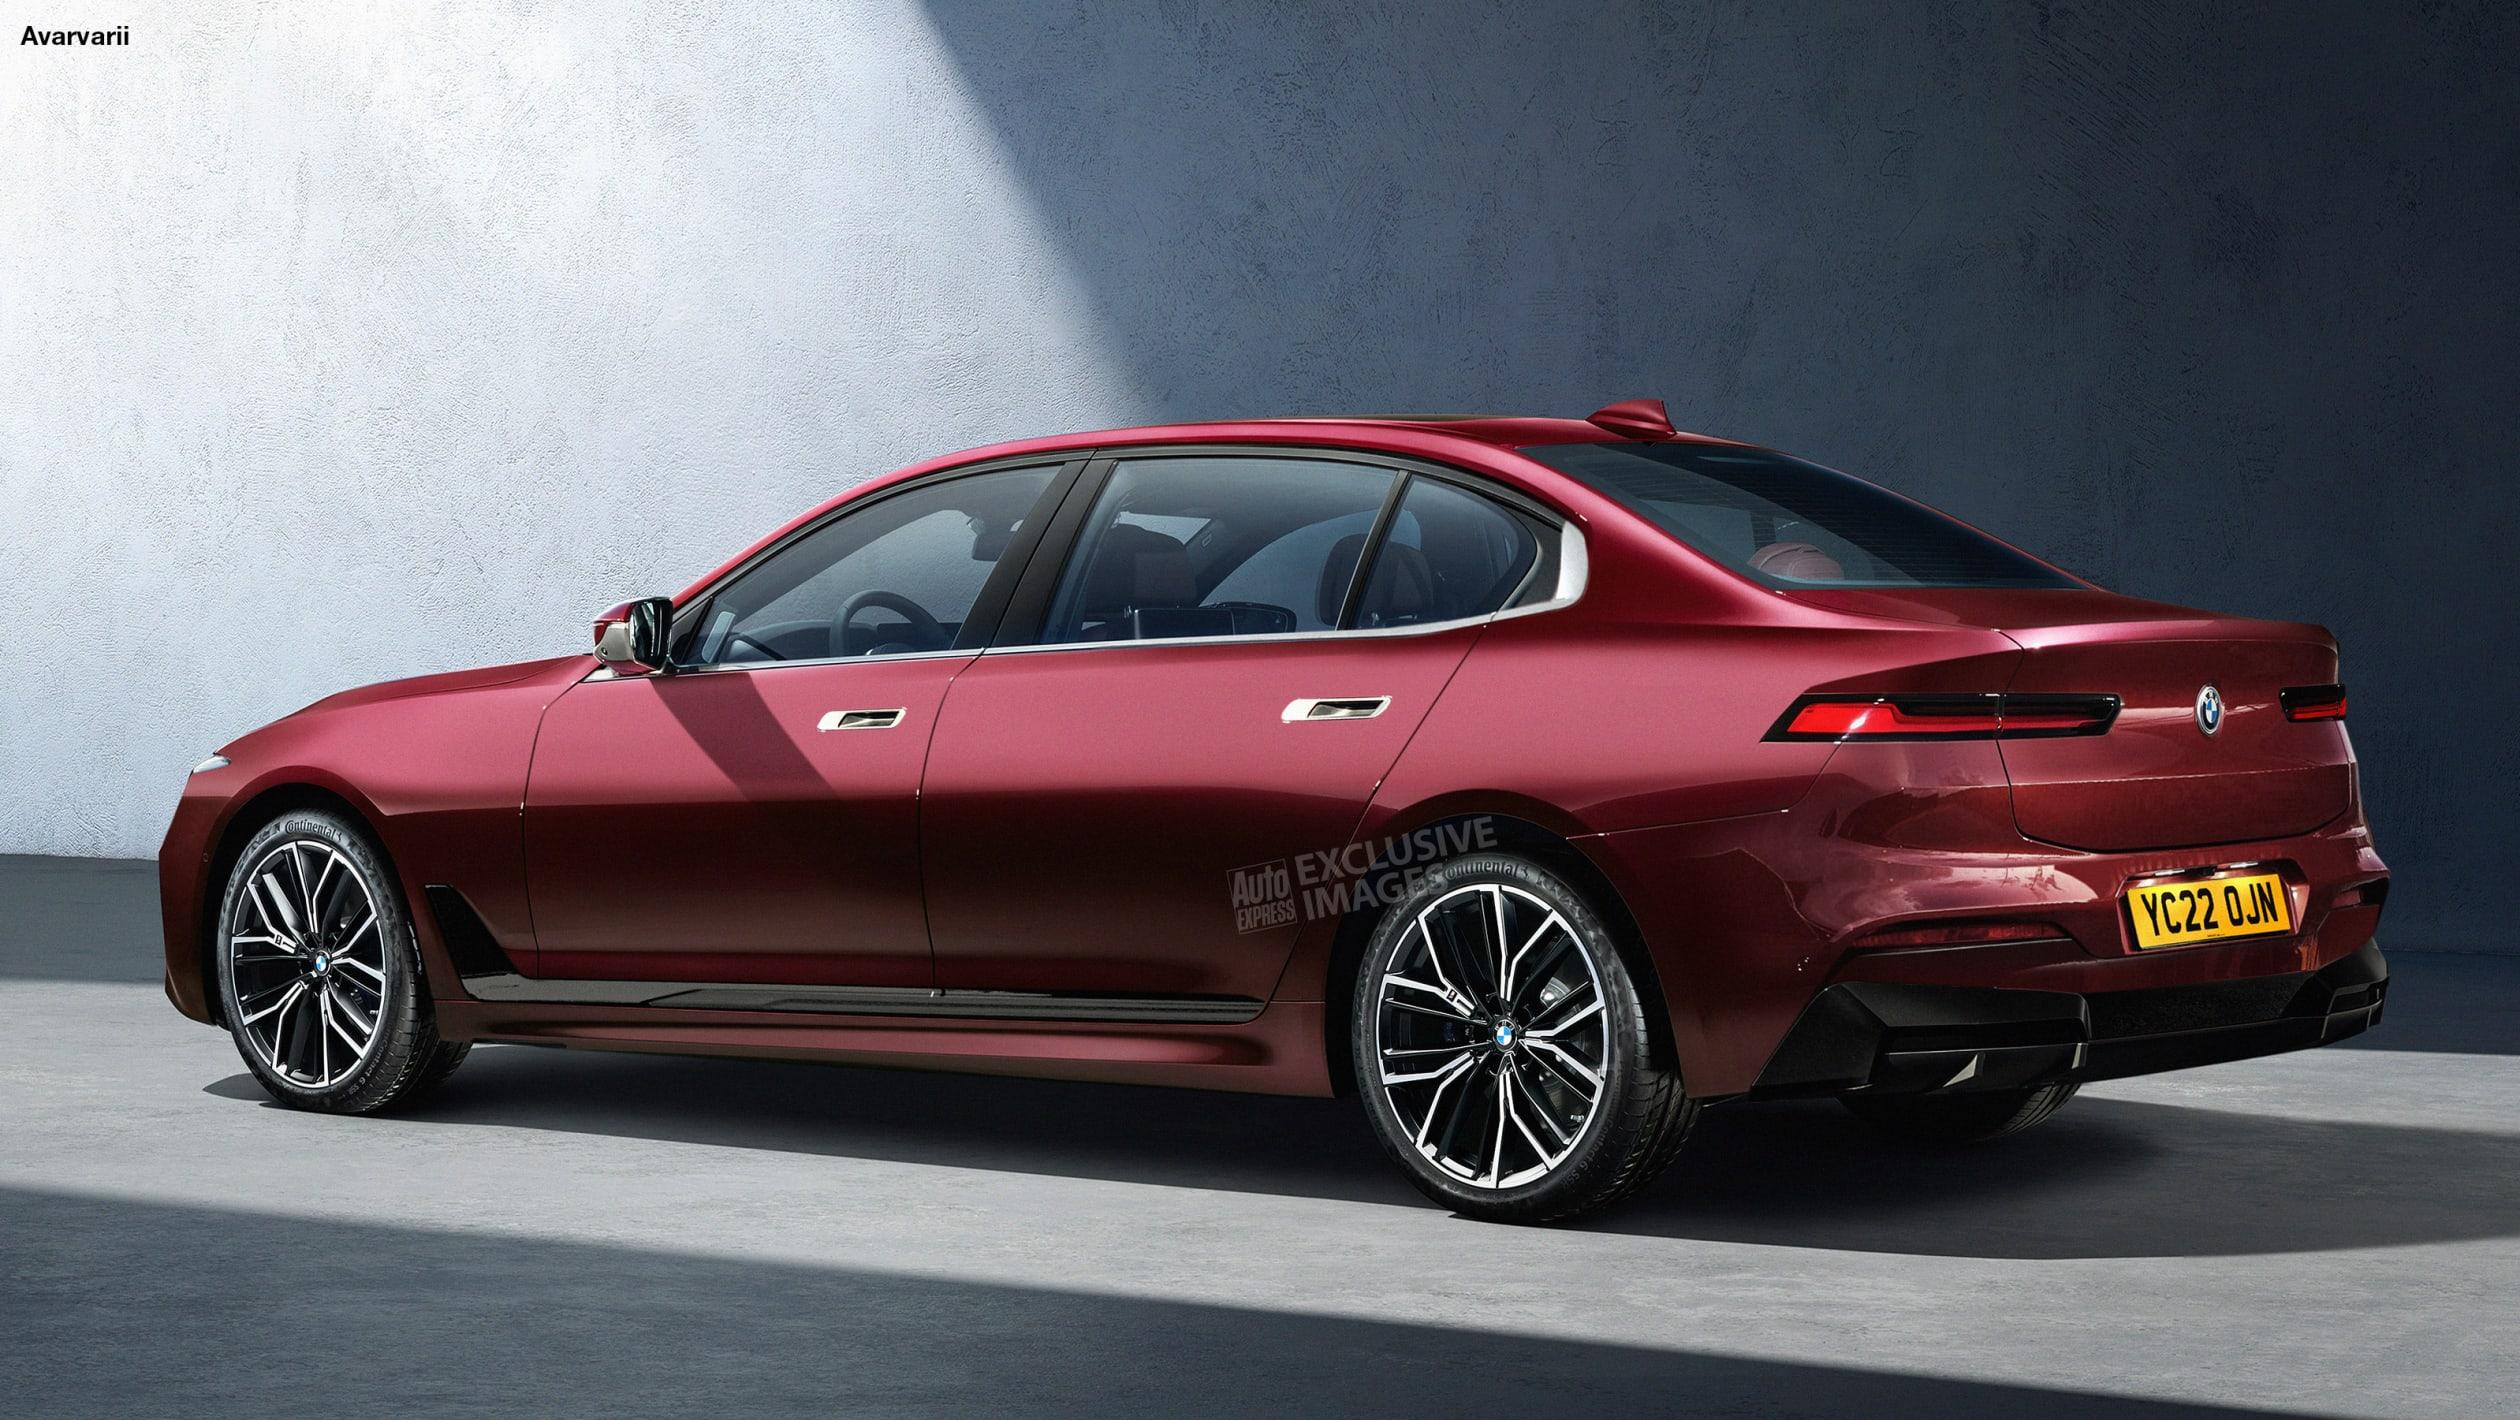 BMW%207%20Series%20exclusive%20image-2.jpg